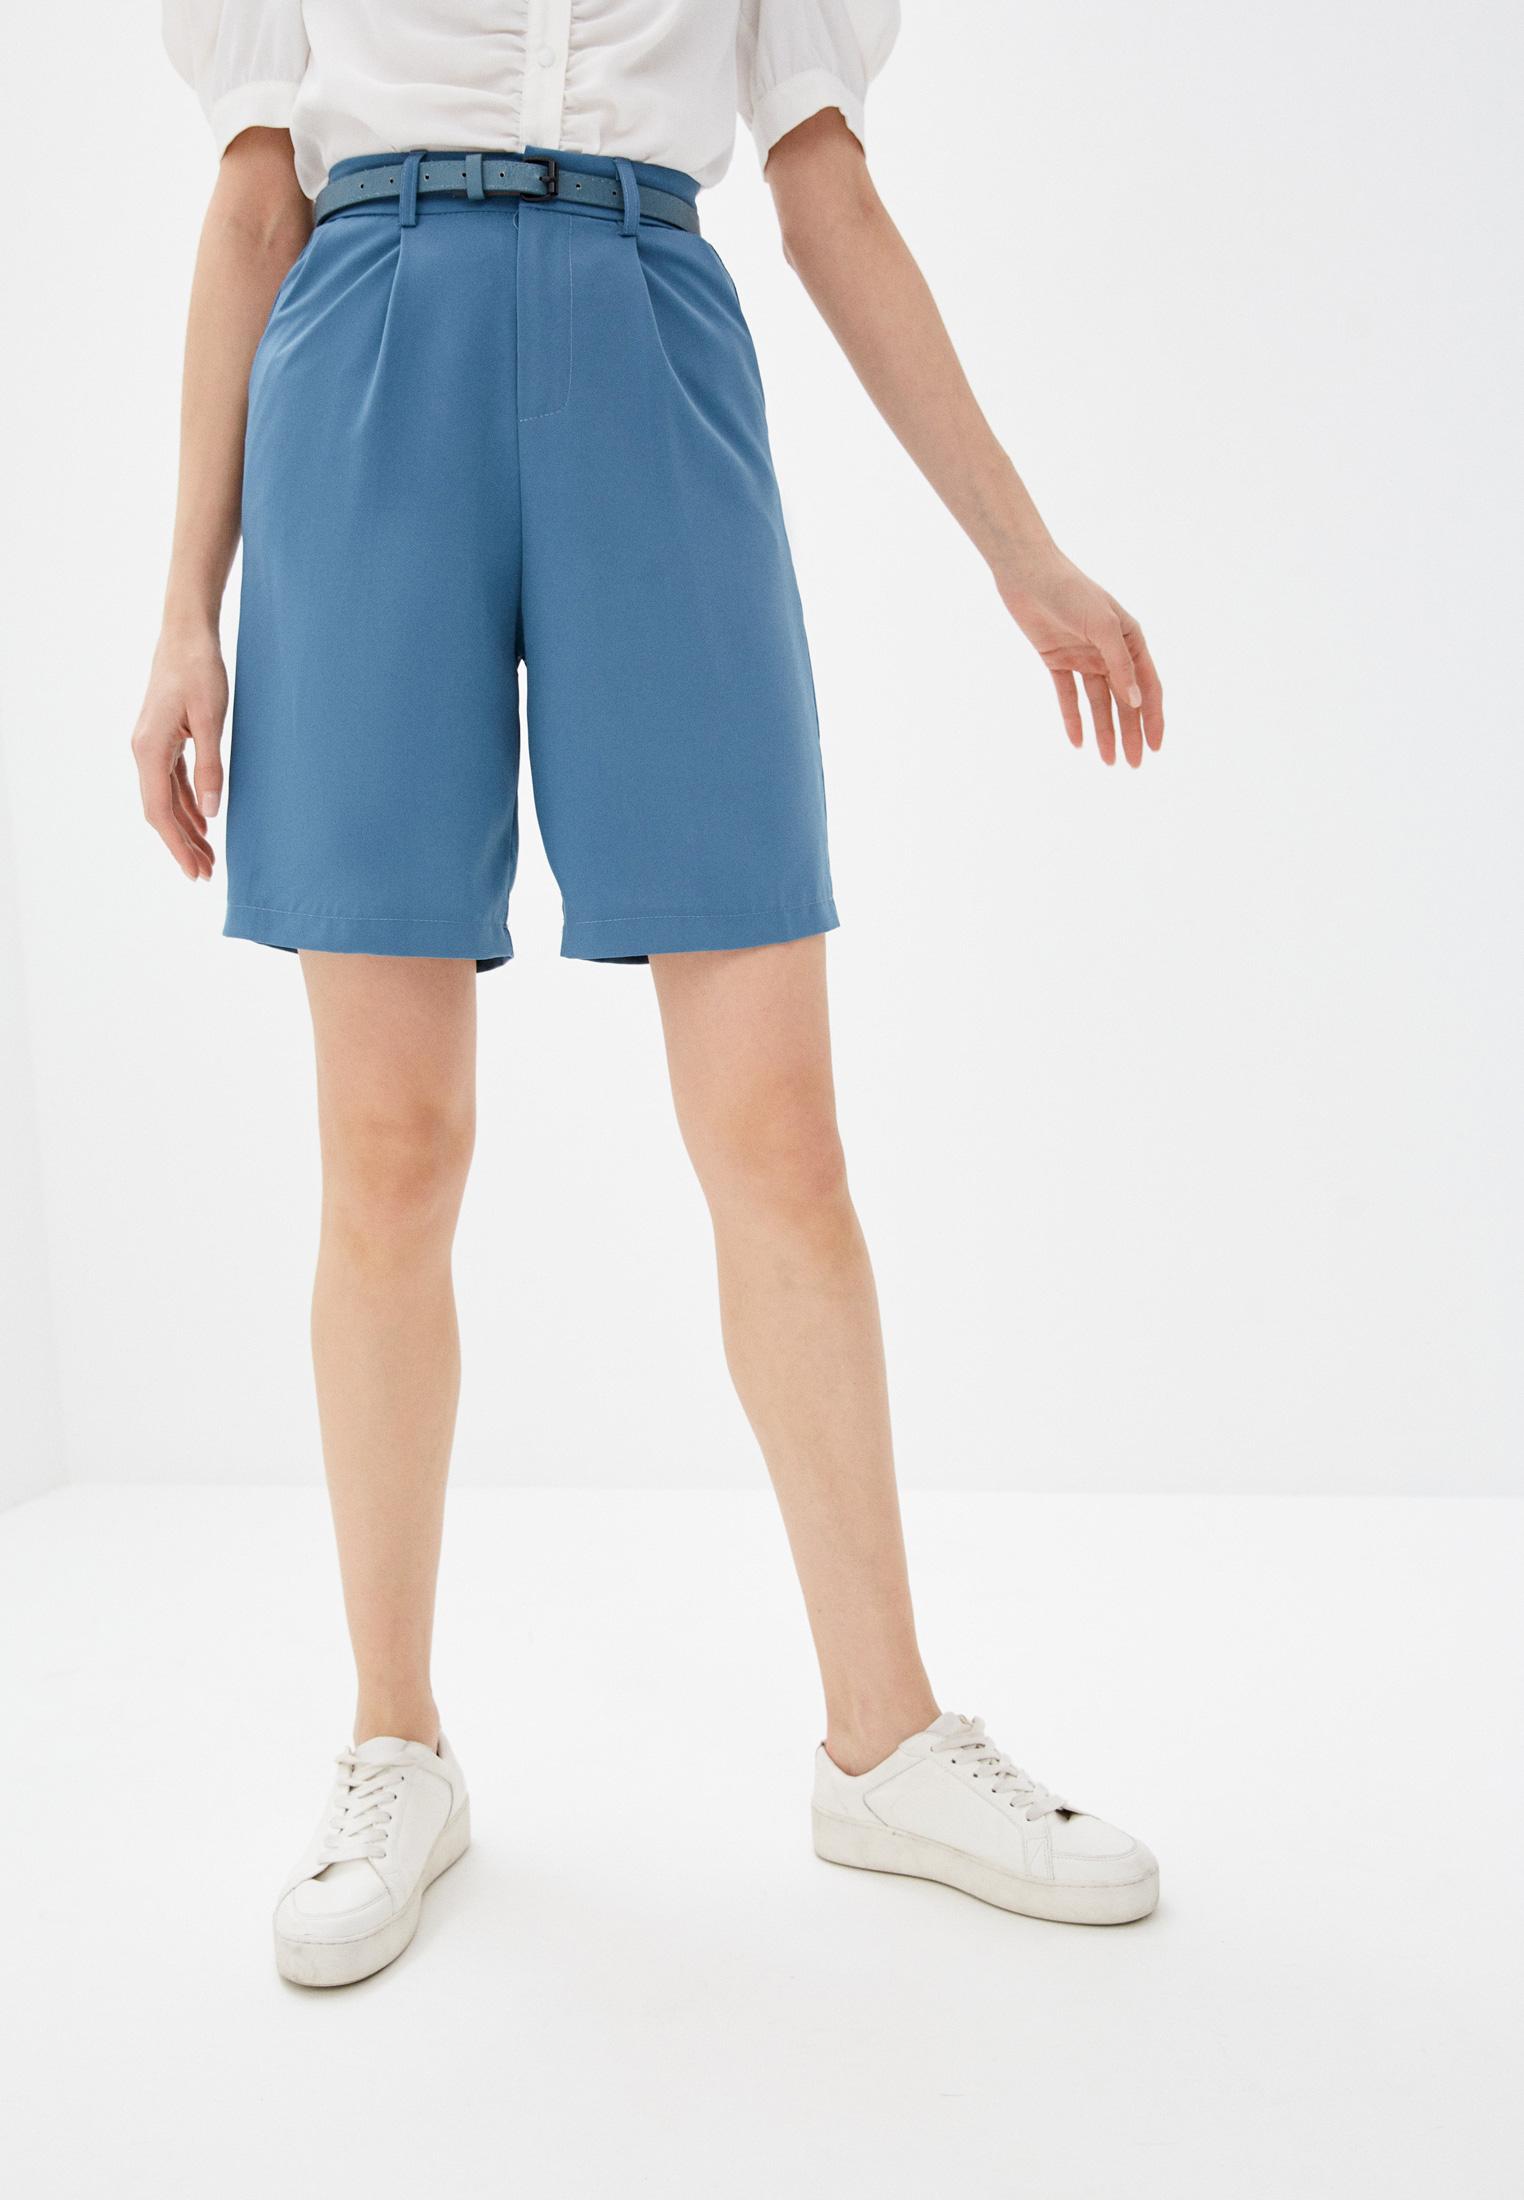 Женские повседневные шорты Miss Gabby 5820